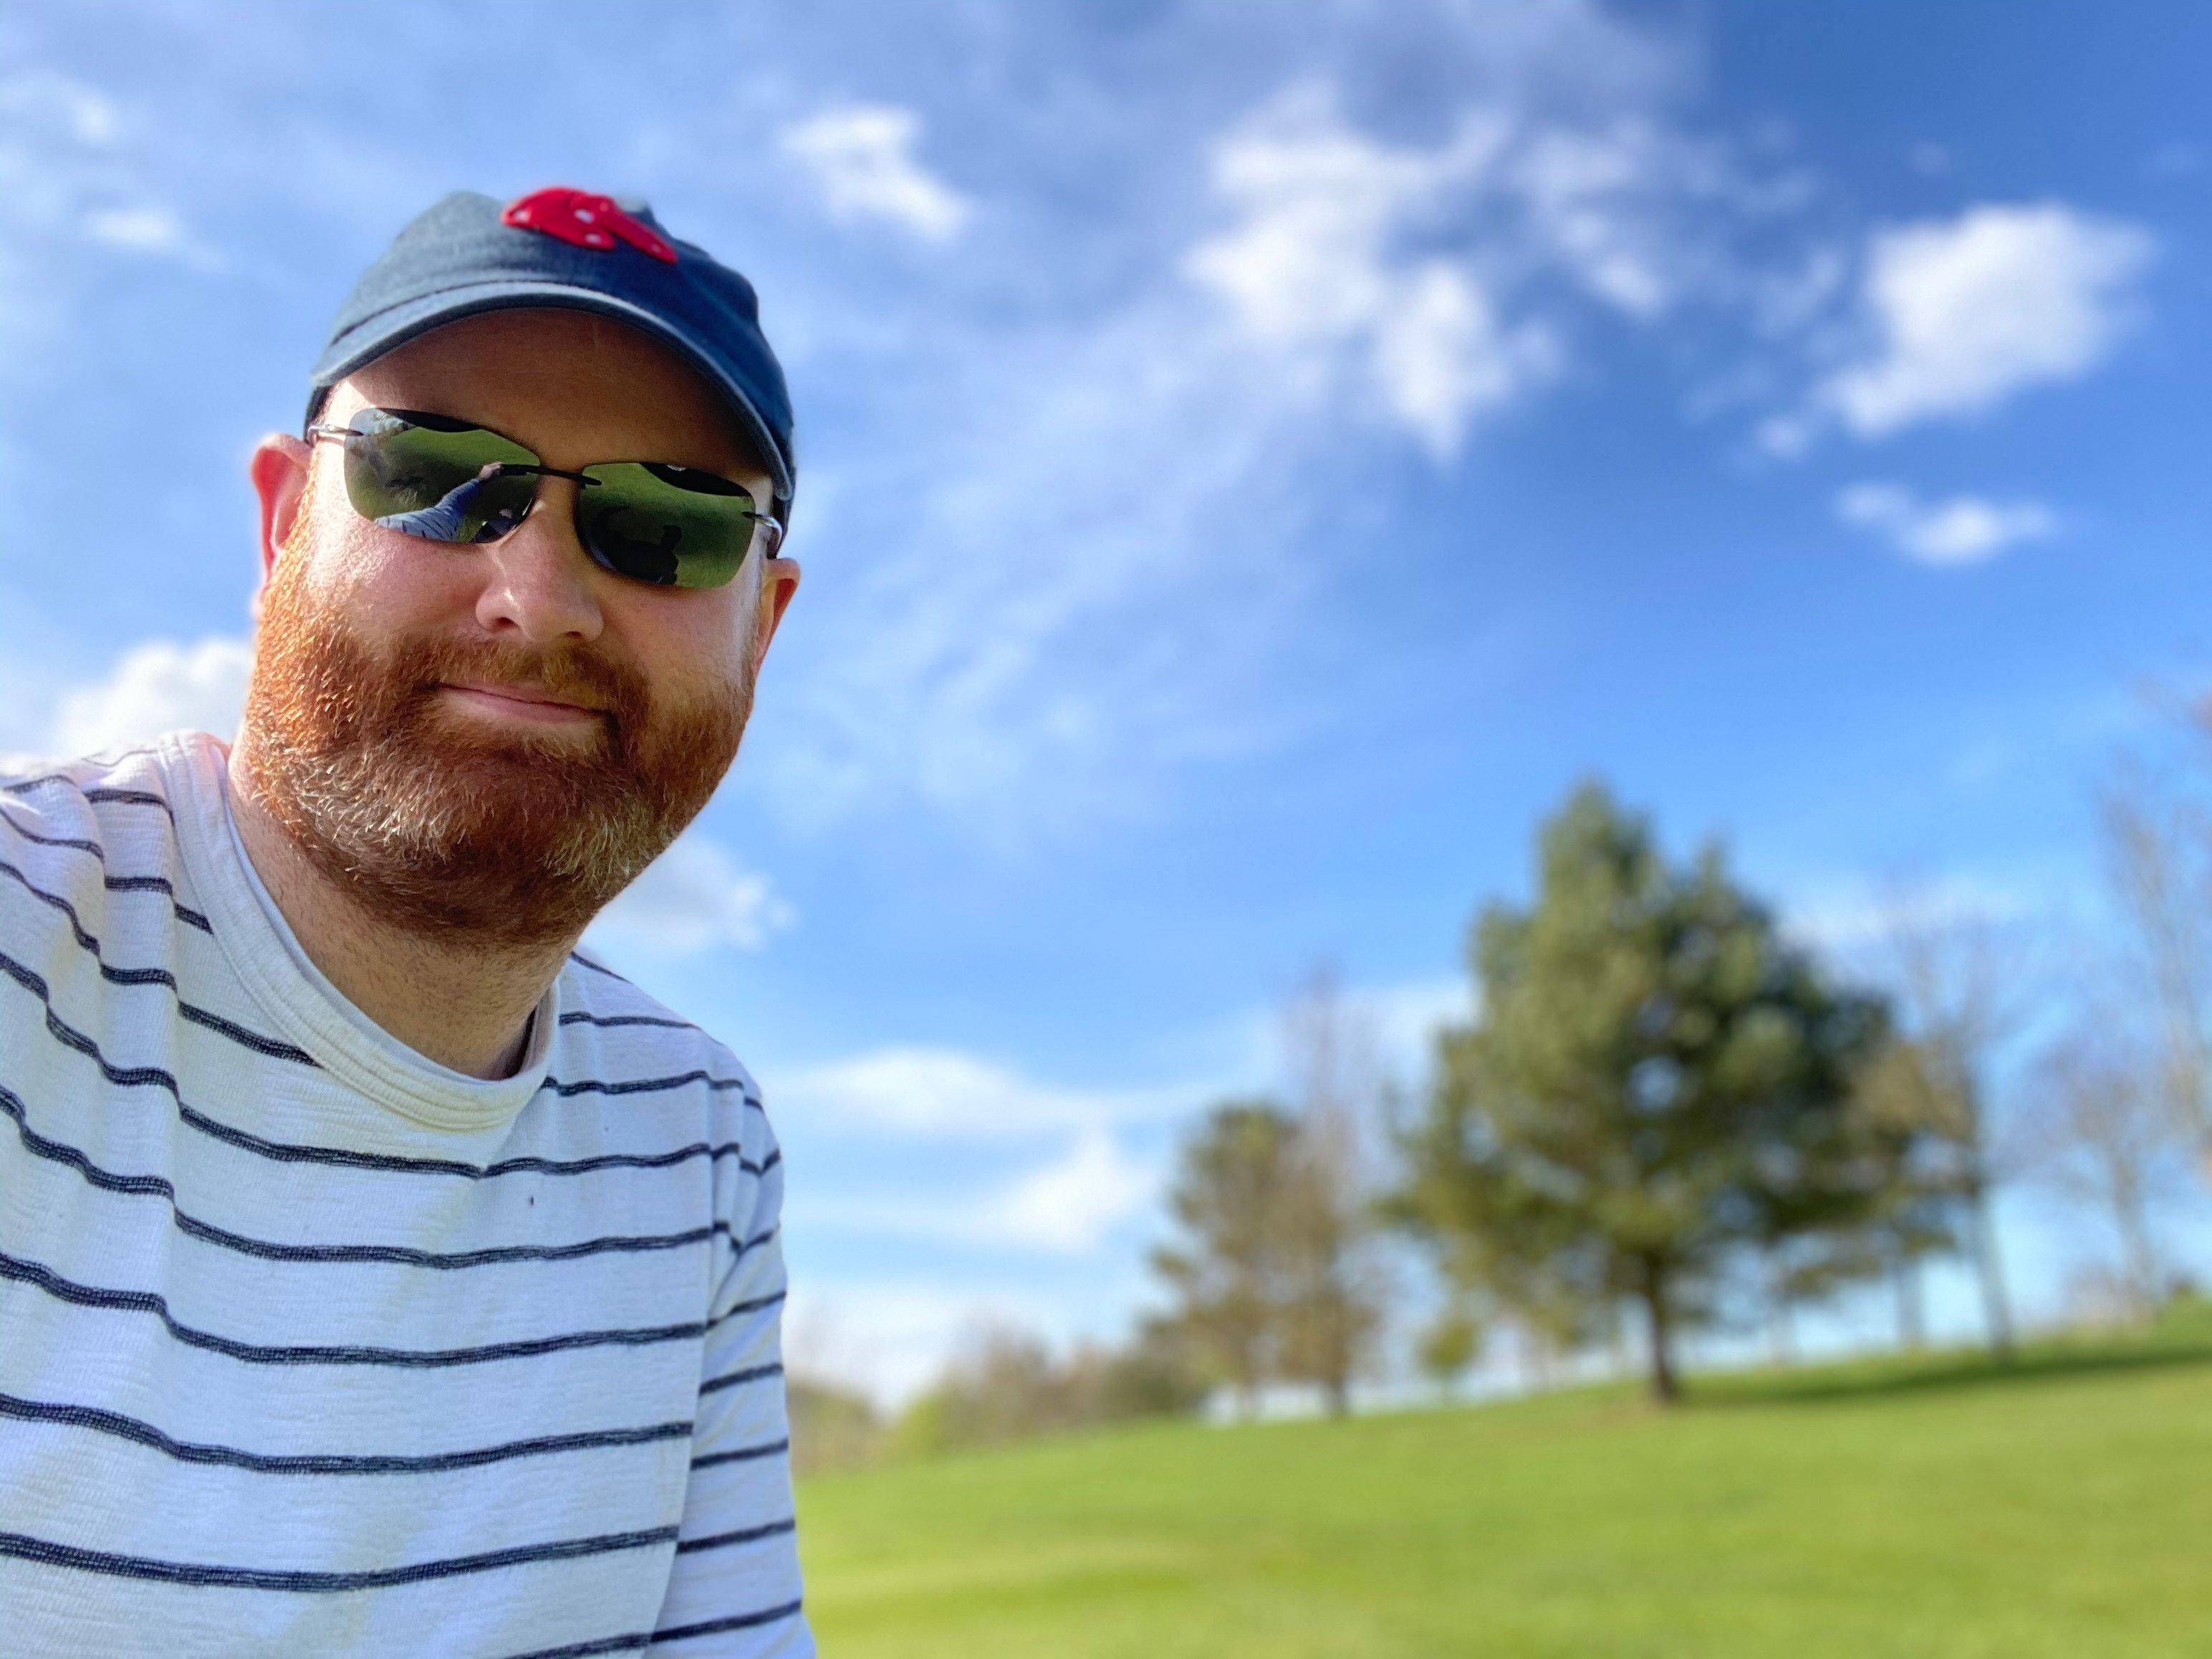 Brenton golf course